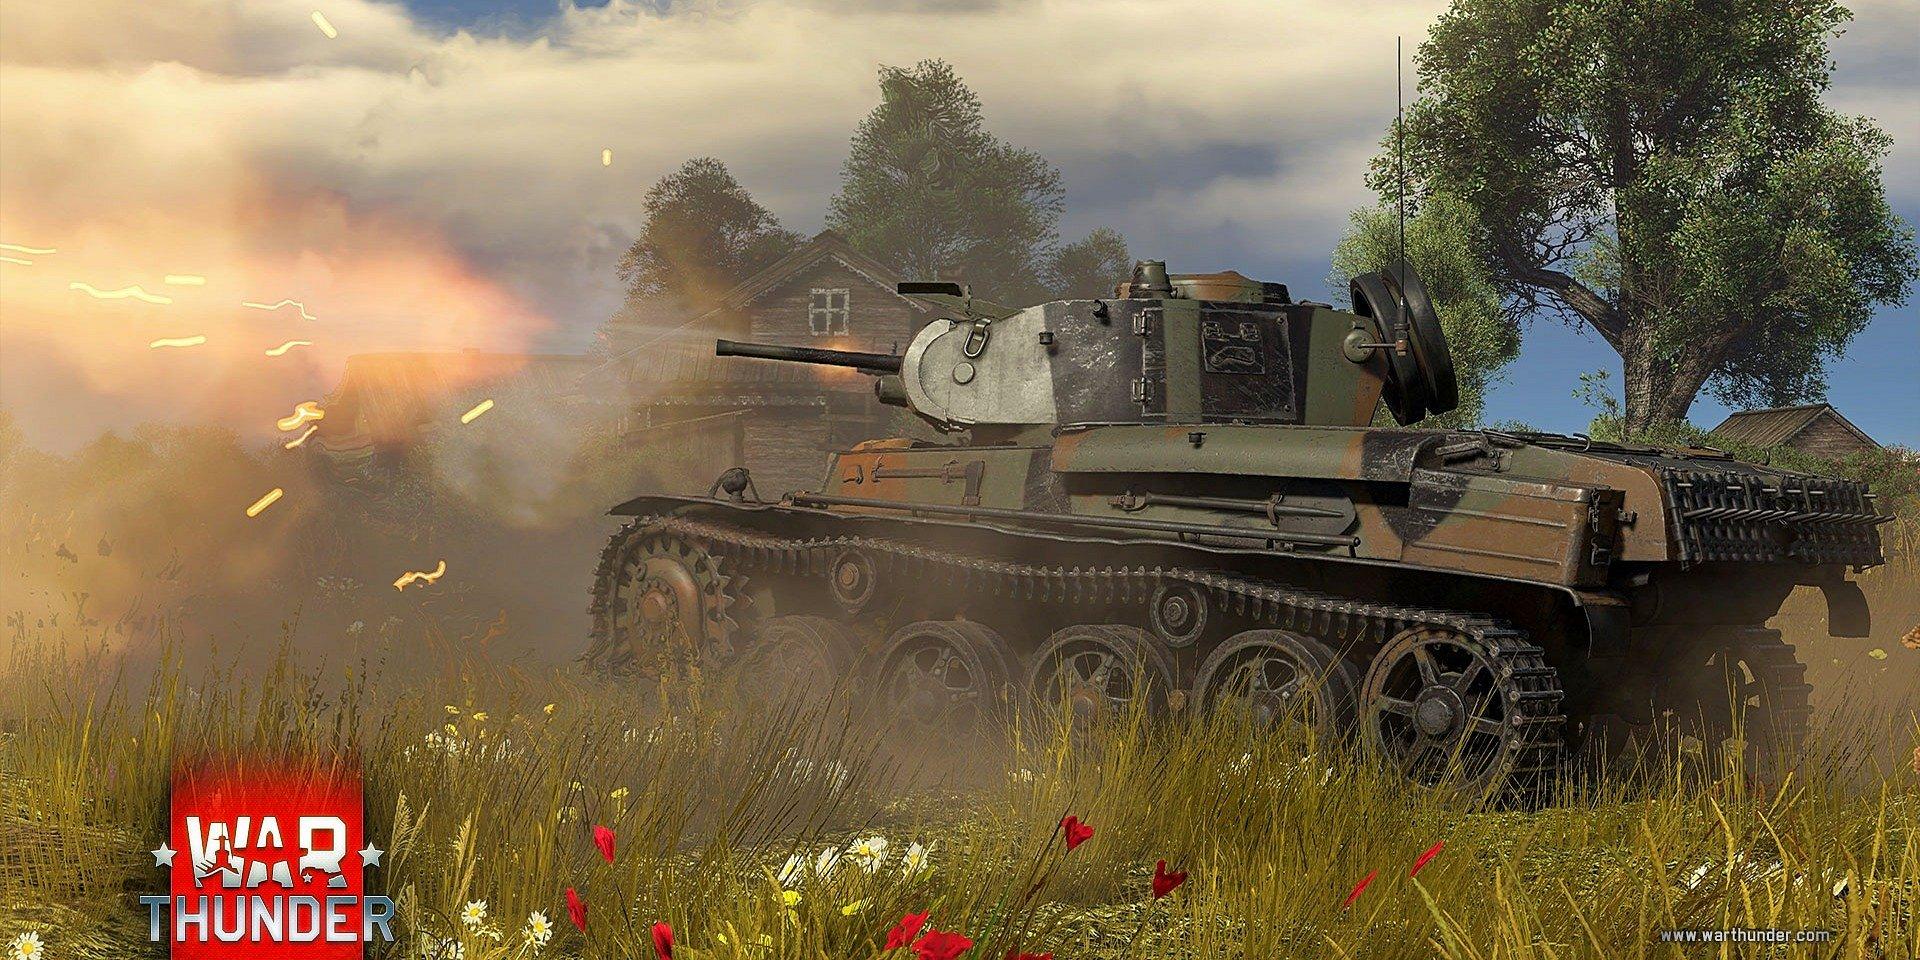 Svéd tankok gördülnek a War Thunder felé